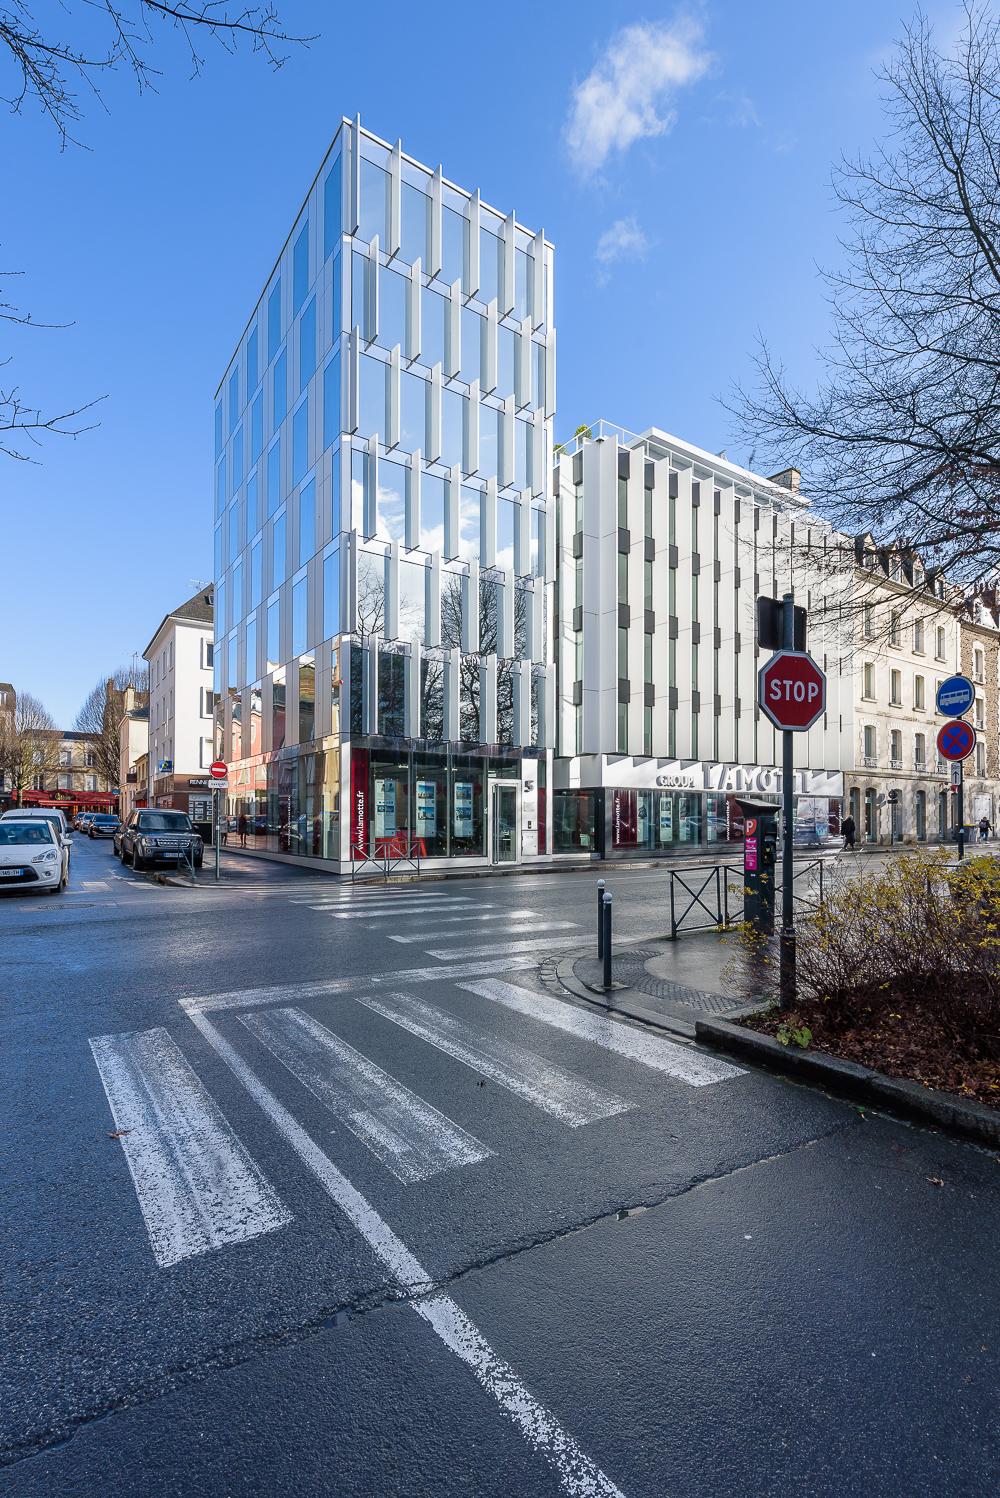 photographe d'architecture ©INTERVALphoto : Bourdet-Rivasseau,Philippe Lamotte Architectes, Rennes (35)